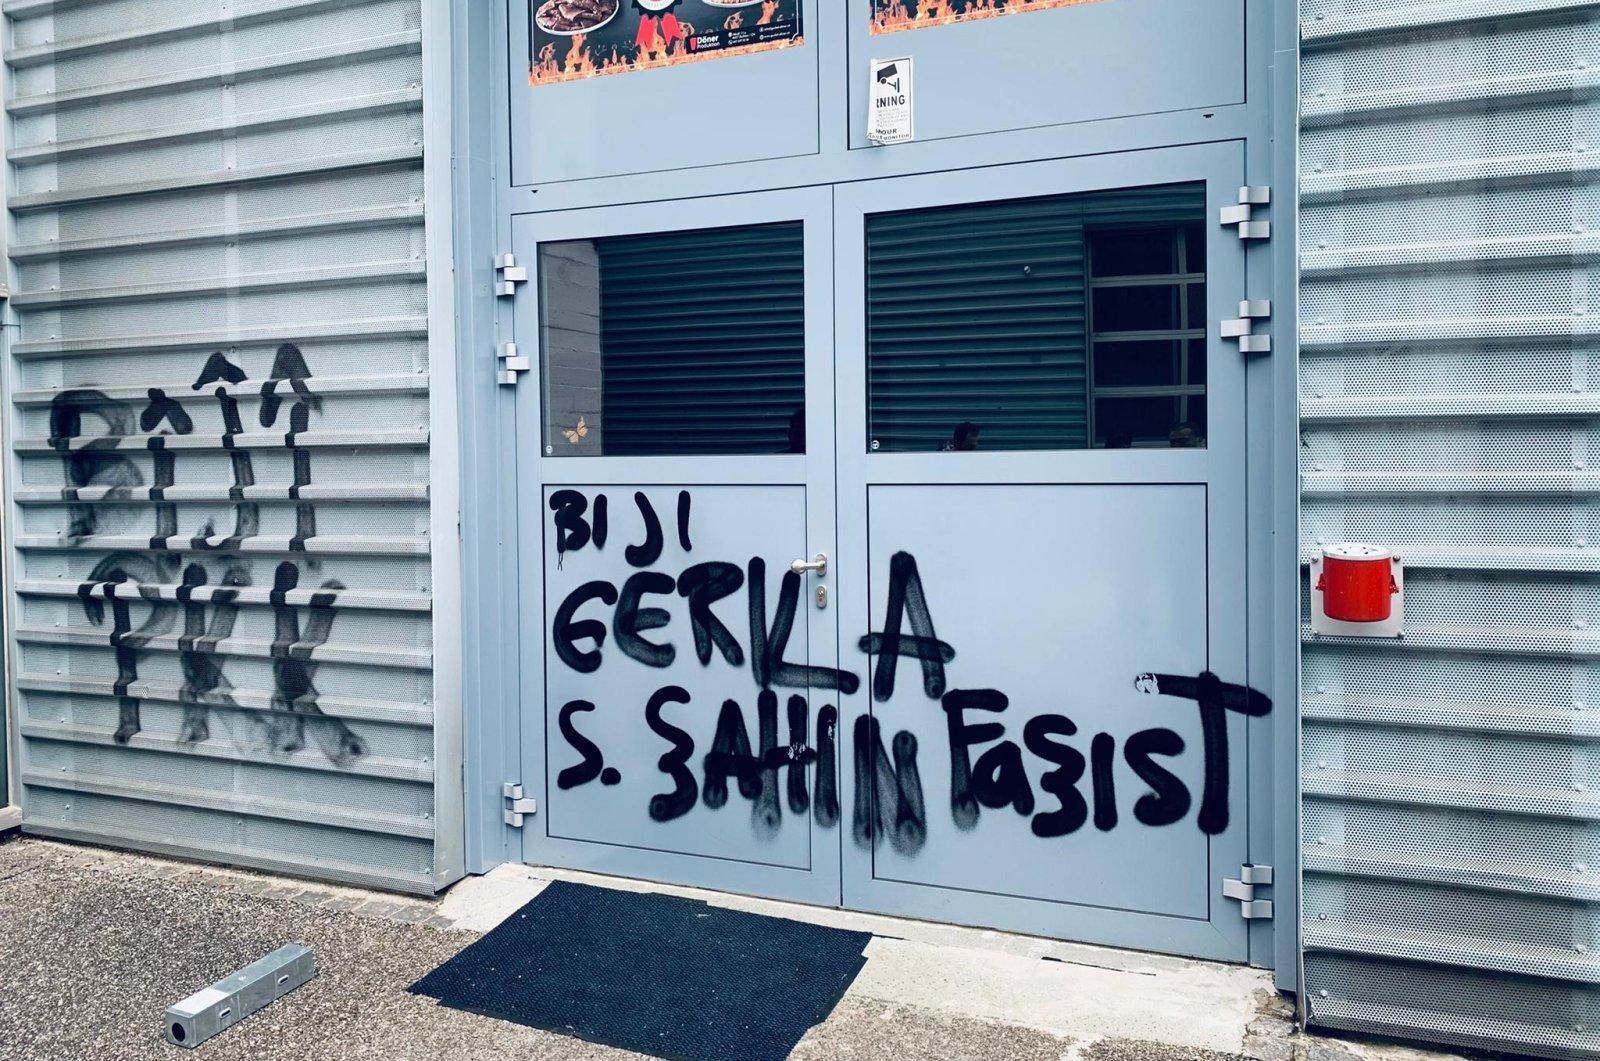 Terrorist PKK propaganda is seen on the walls of the Turkish-owned döner factory in Dulliken, Switzerland, Thursday, May 27, 2021. (AA Photo)